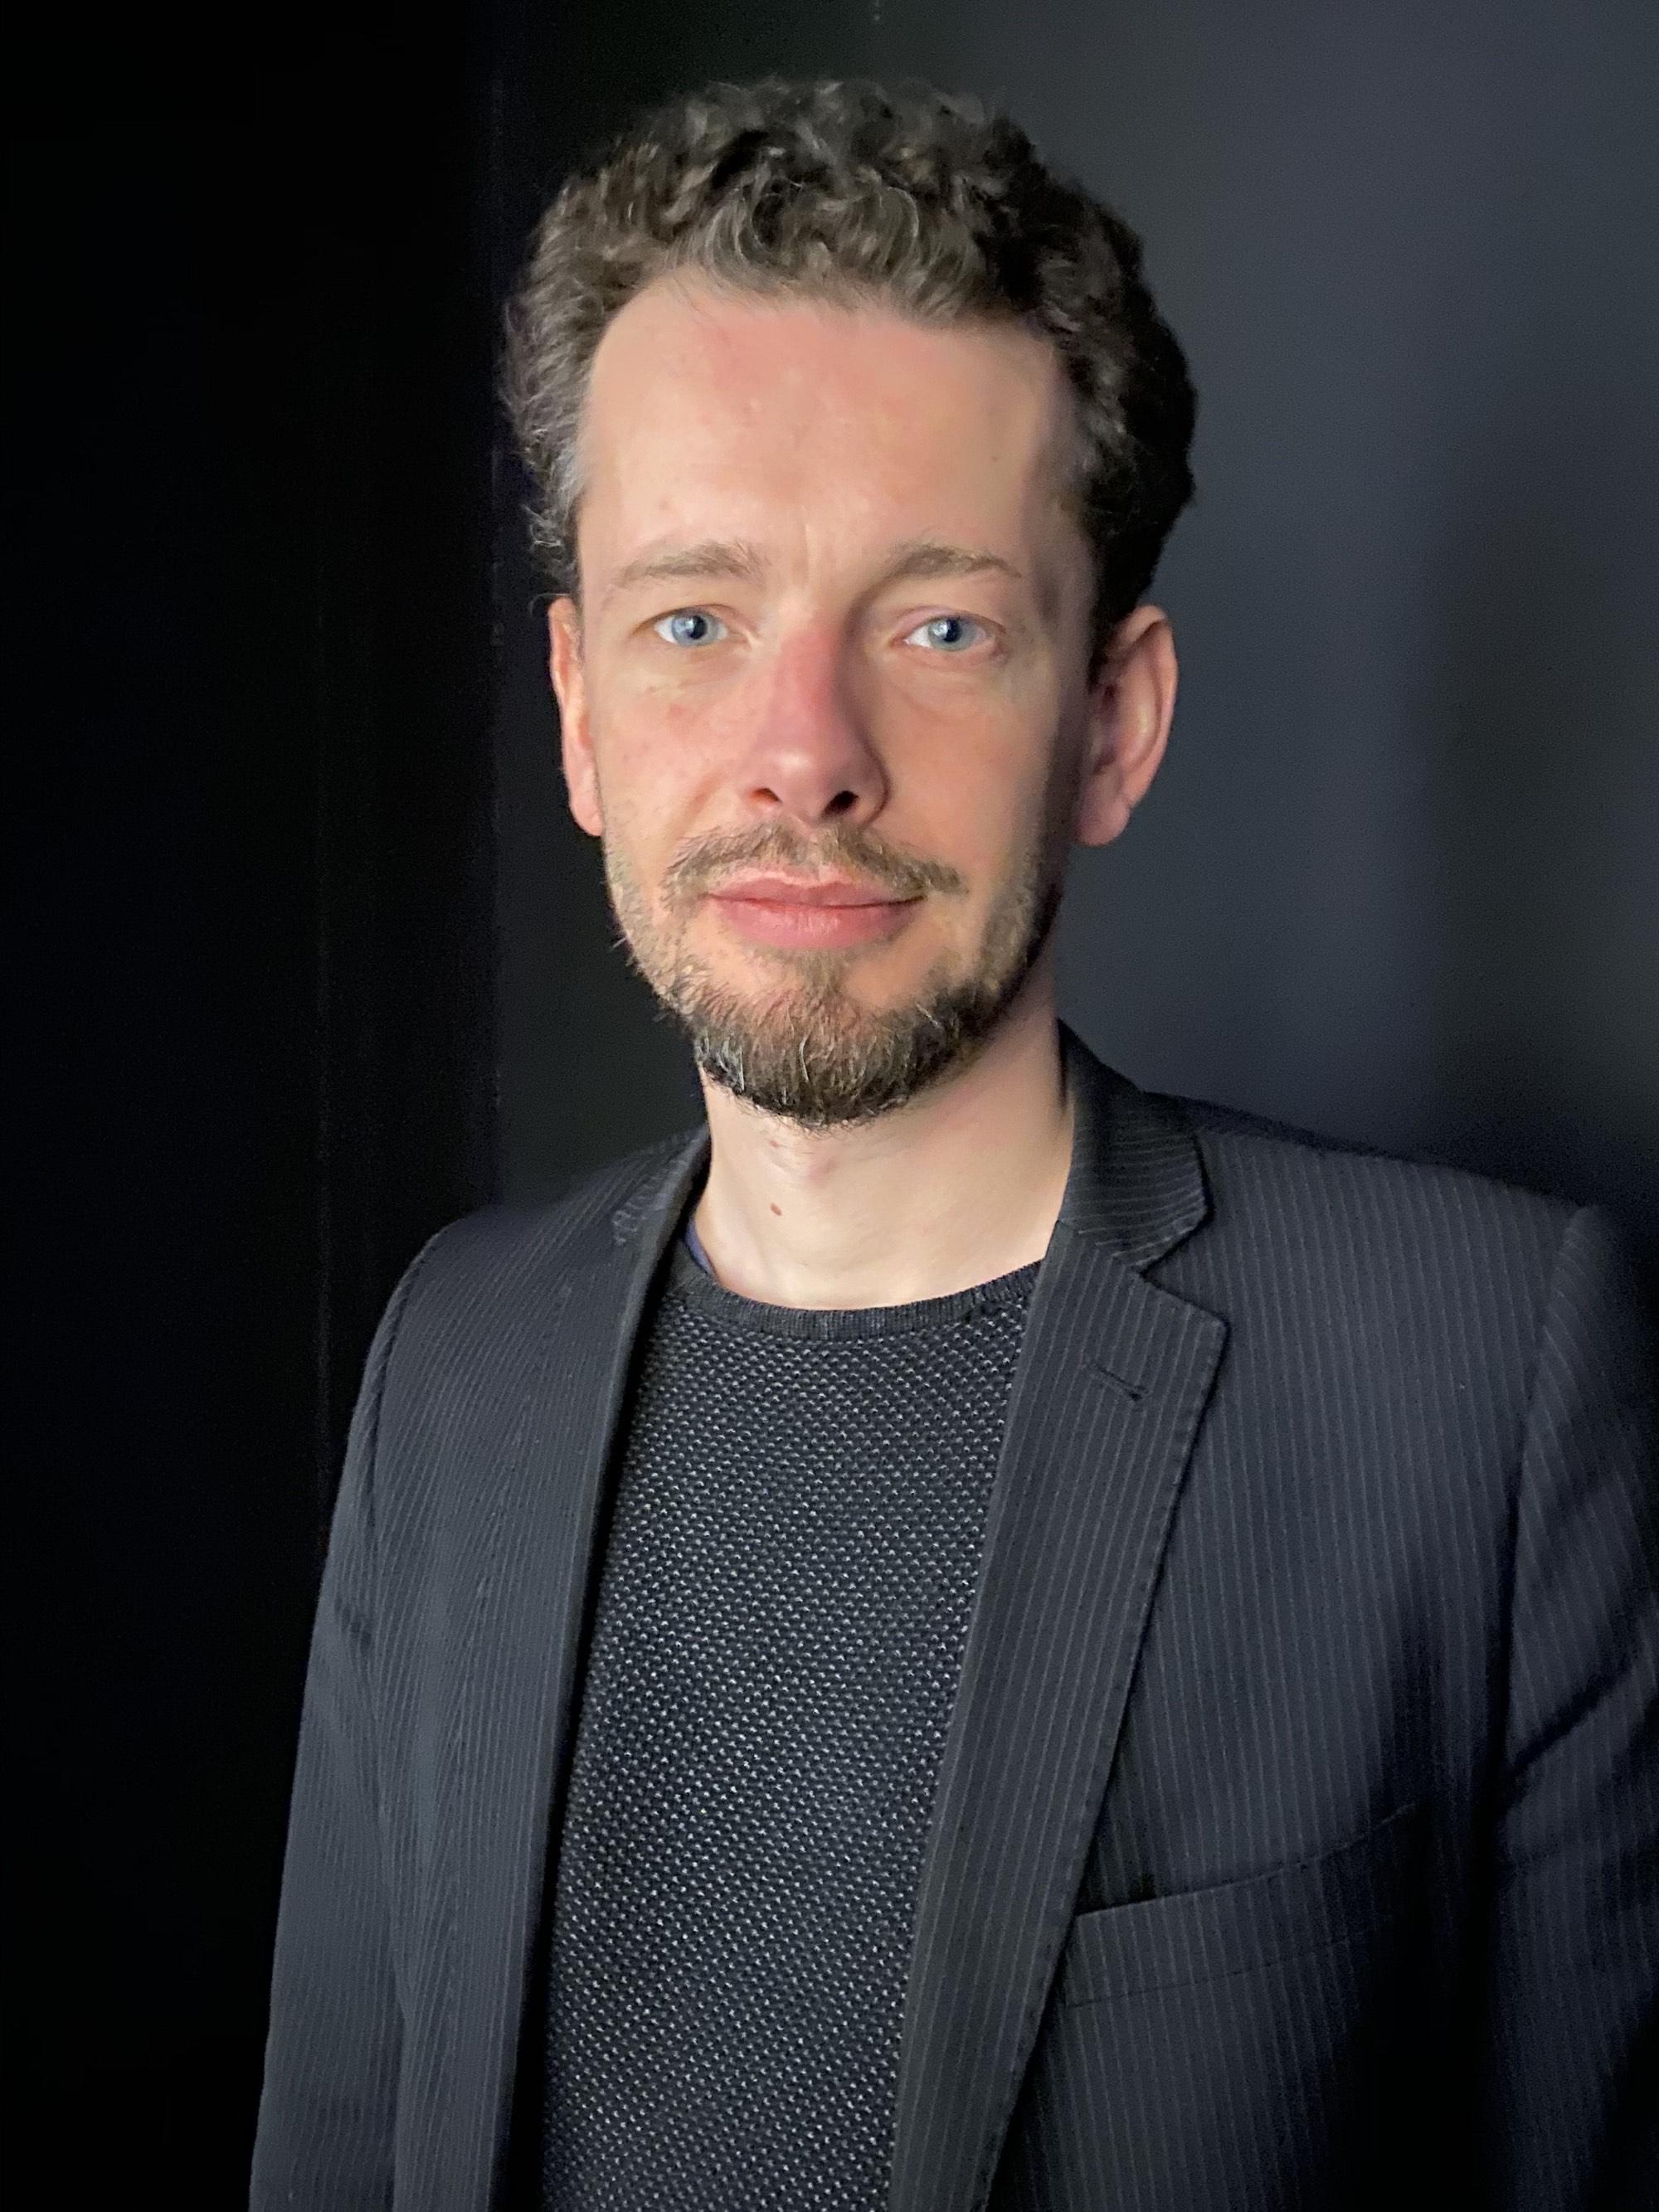 Christoph Raetzsch